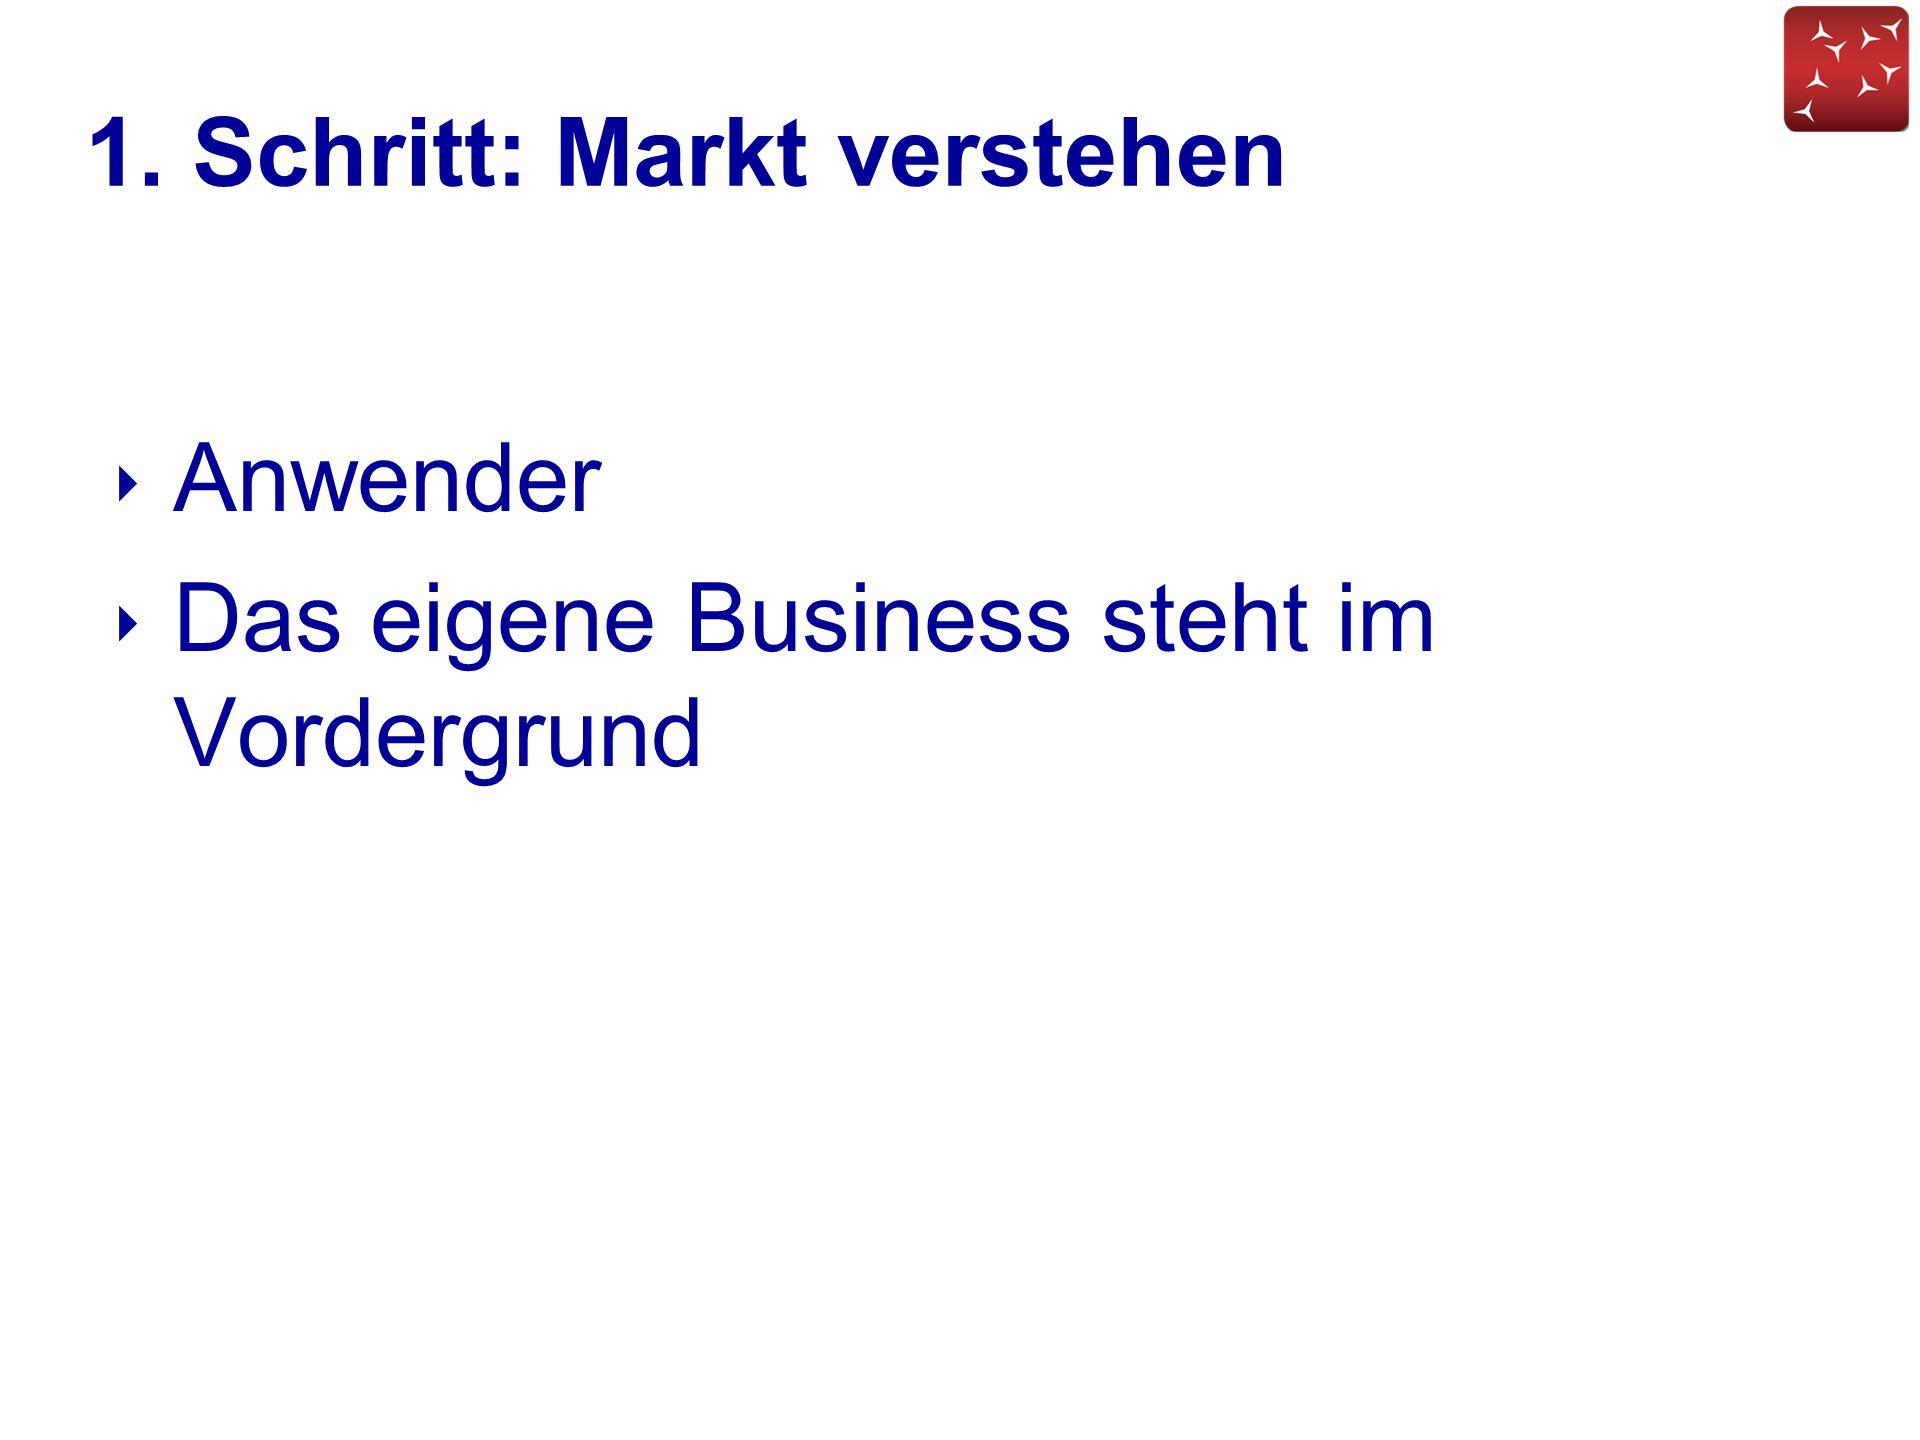 1. Schritt: Markt verstehen